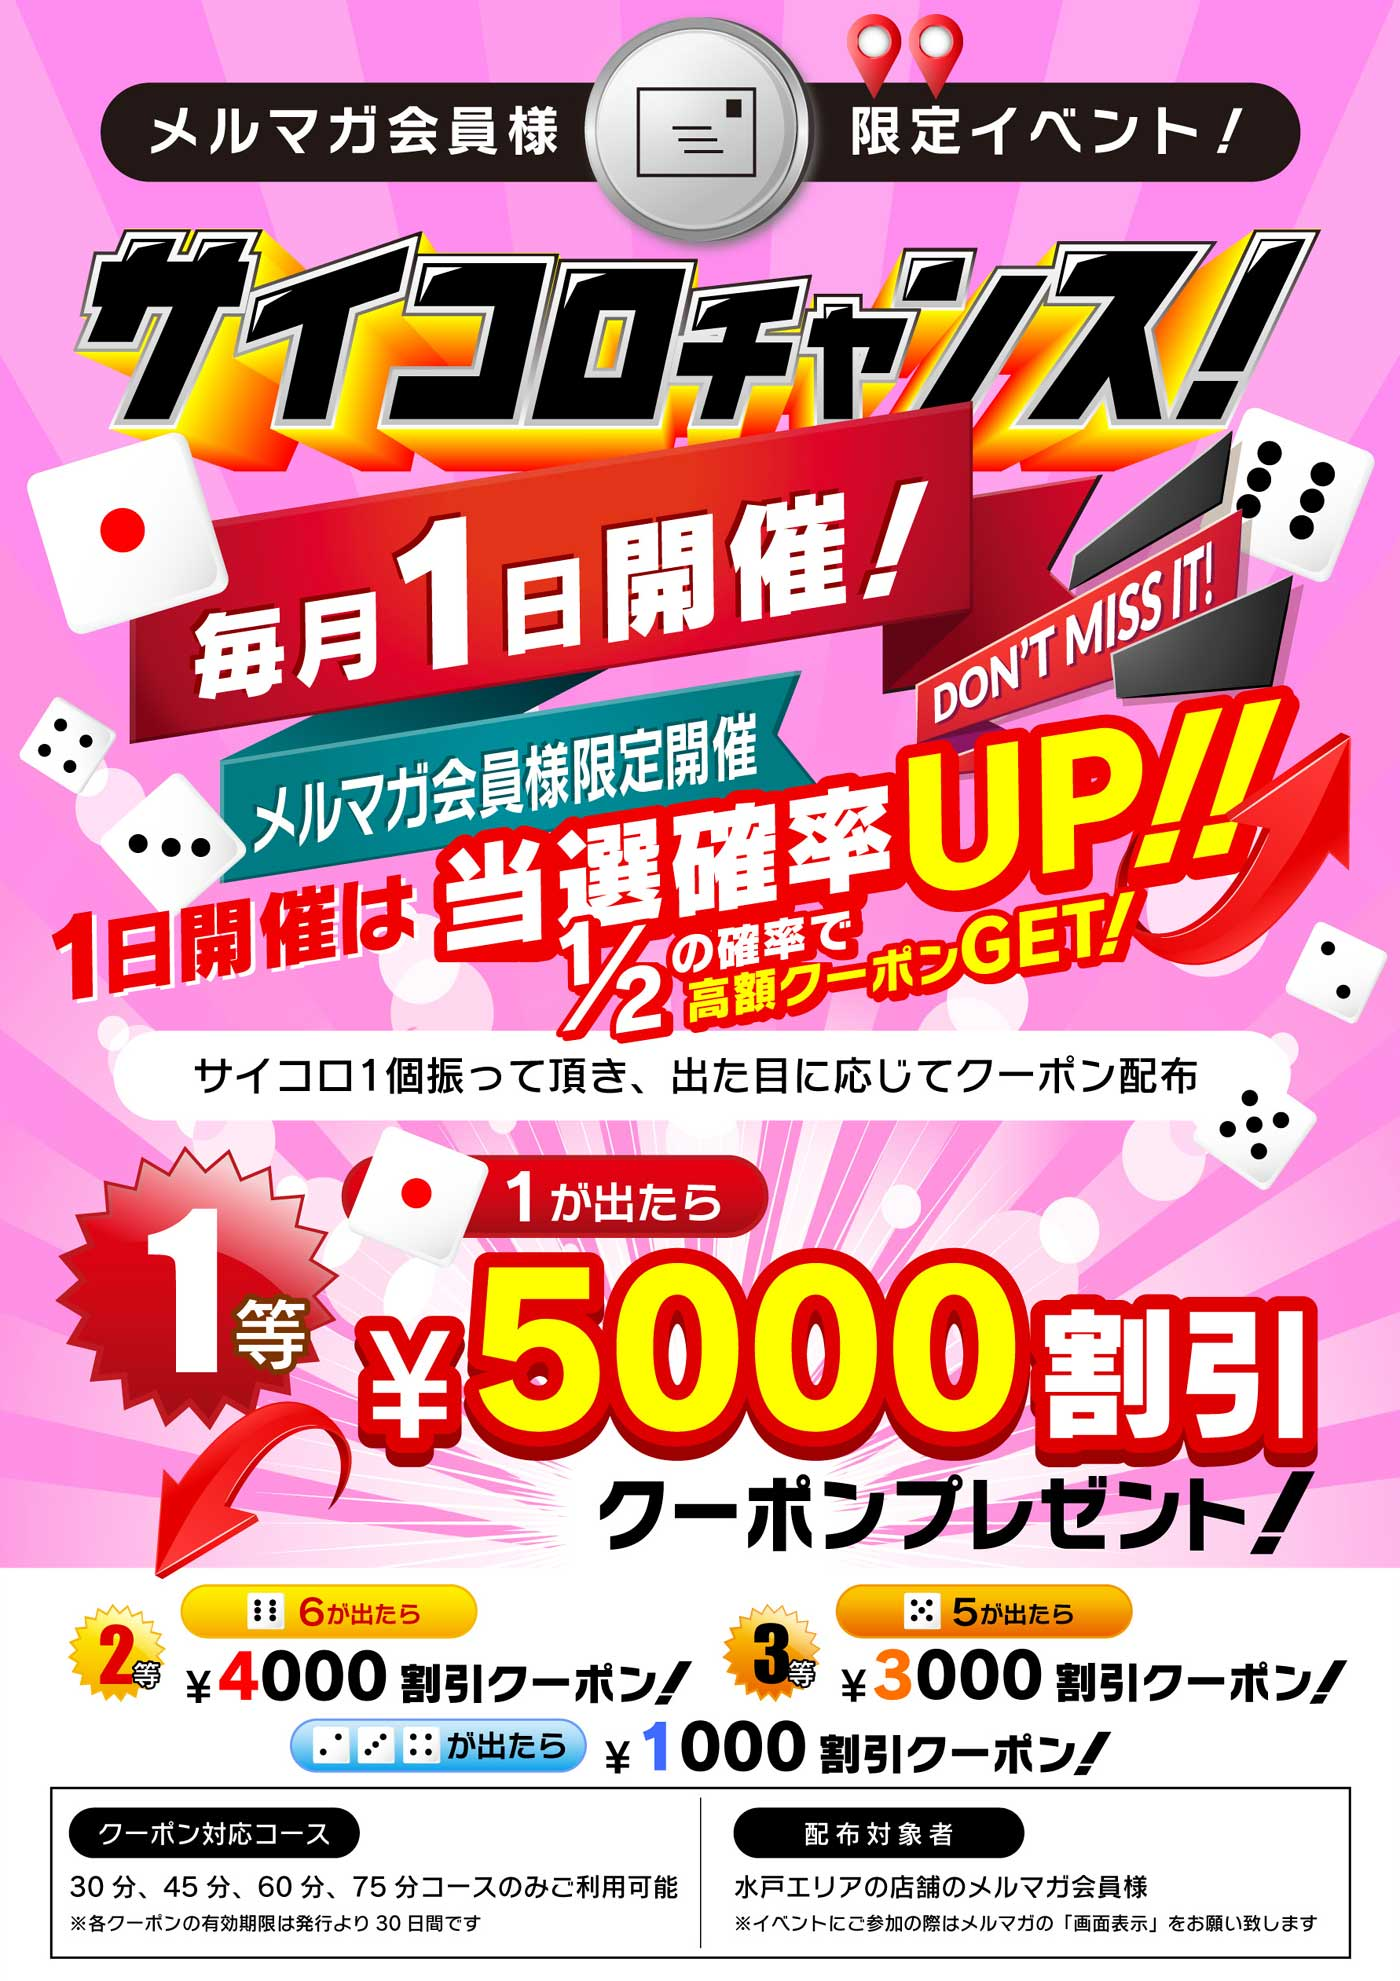 高額5000円割引のクーポン券が1/2の確率で当たる!?!?